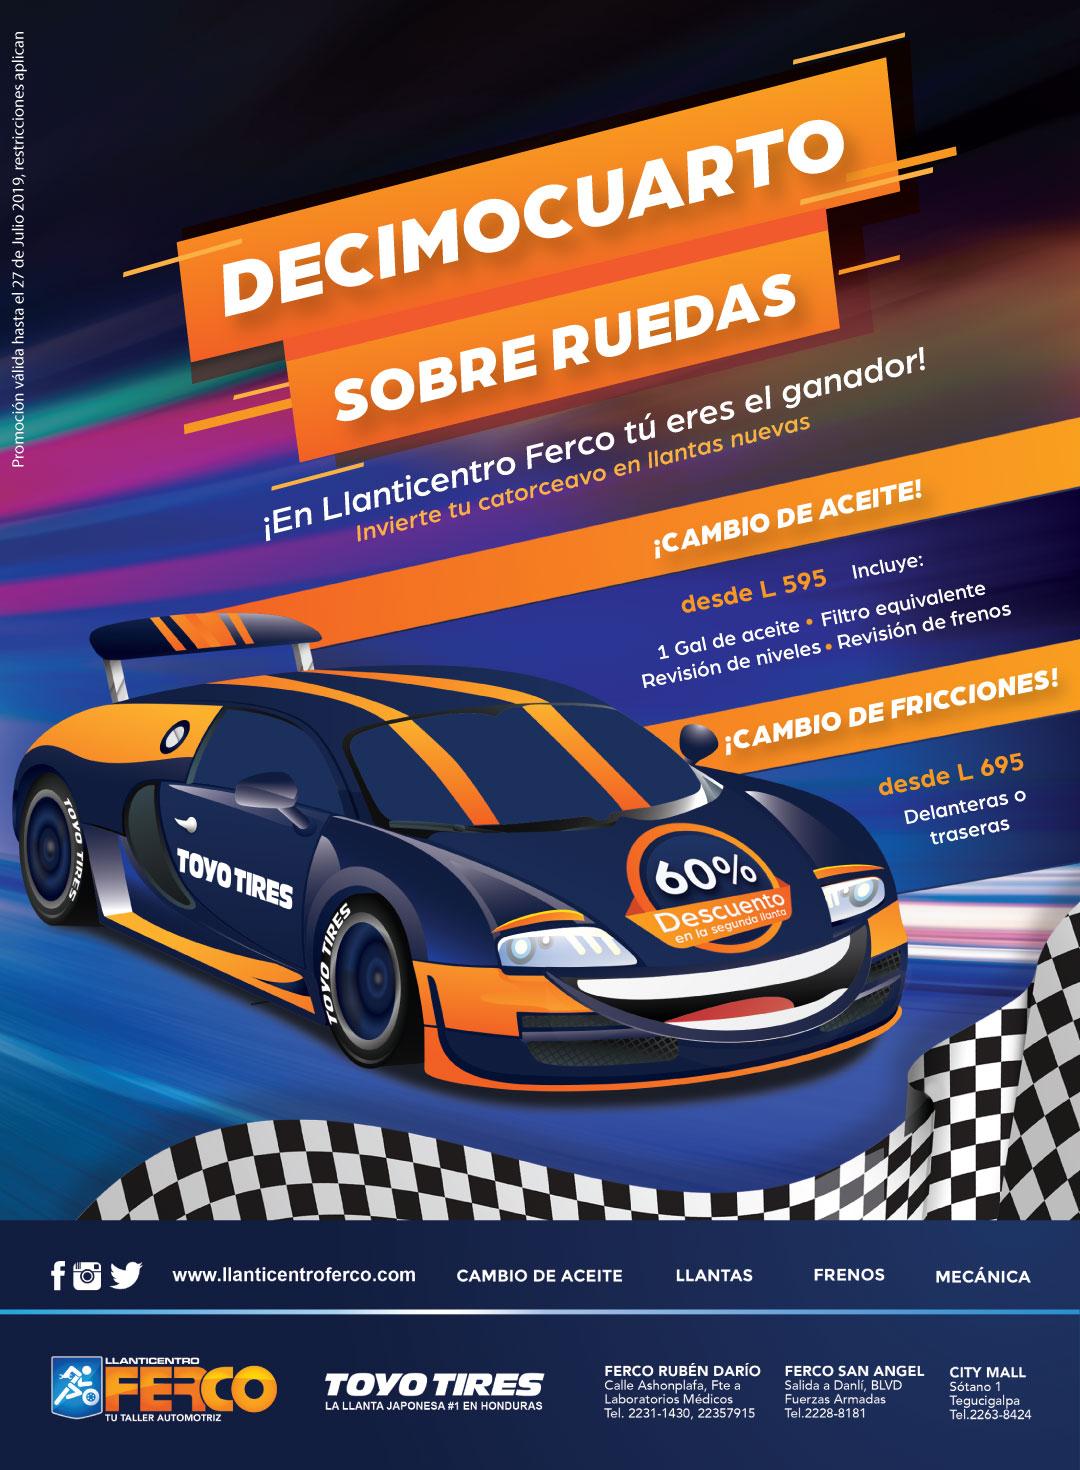 1-Prensa-9.08x12web.jpg